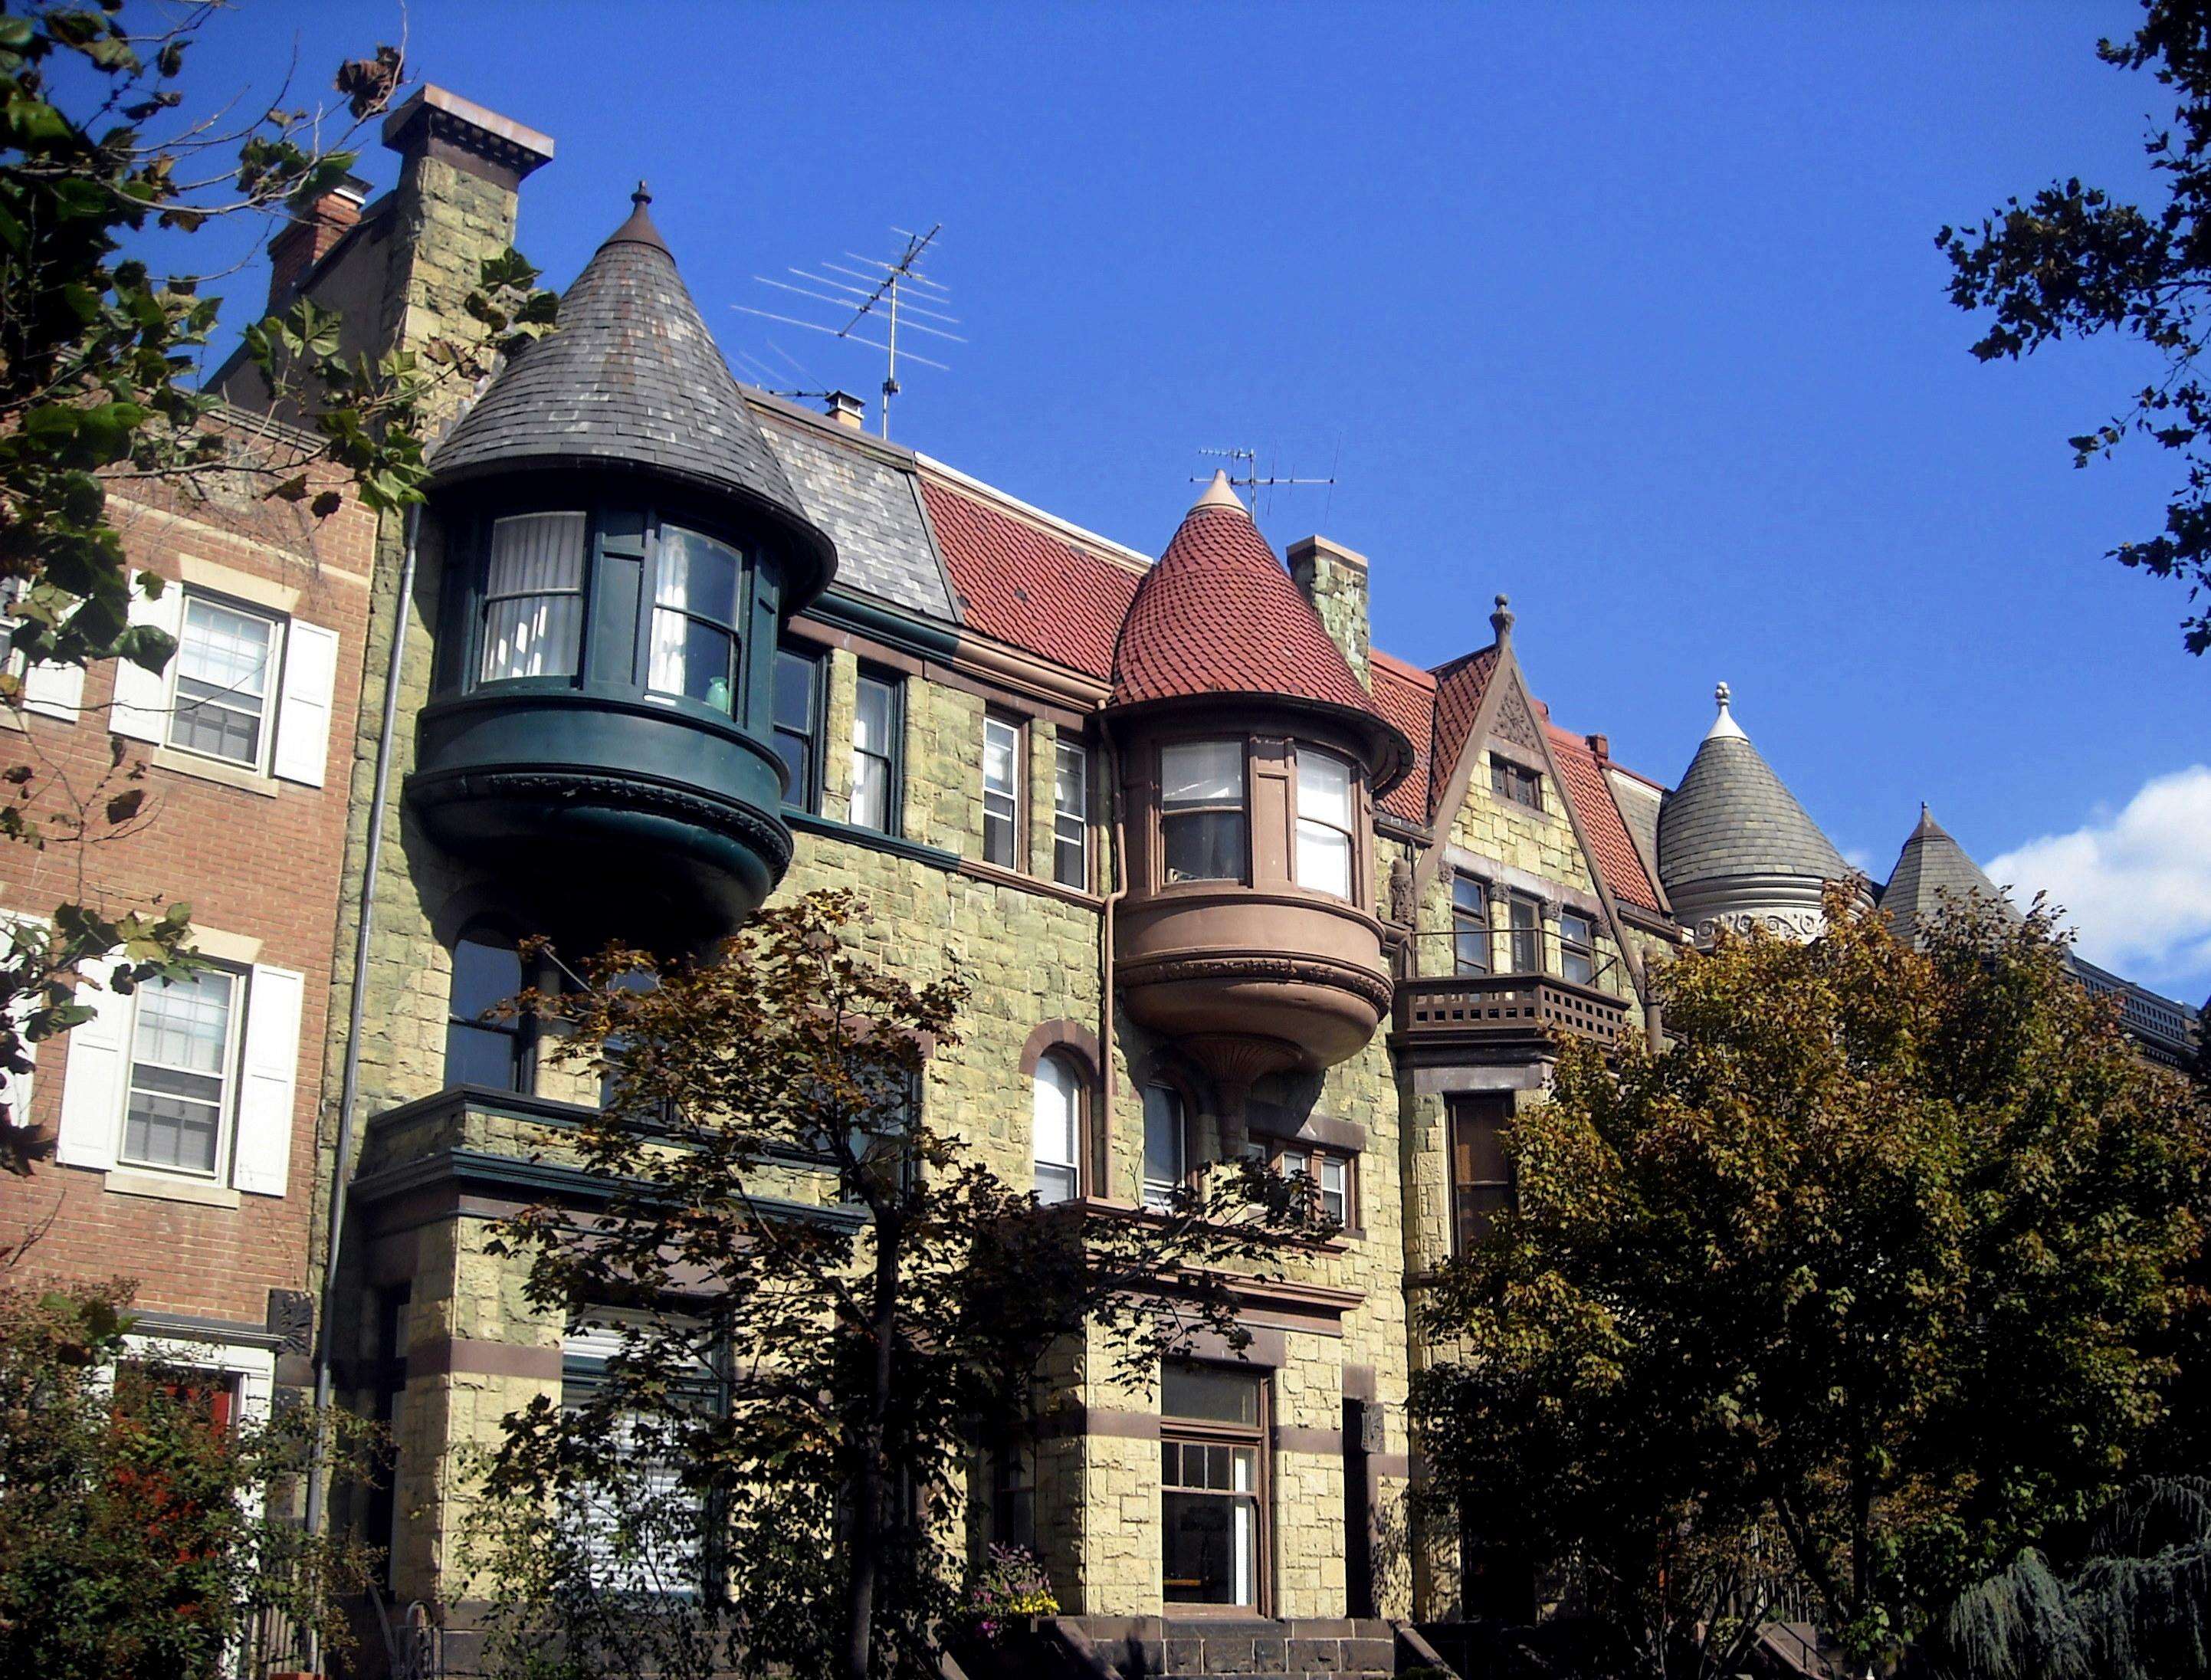 Schneider Row Houses